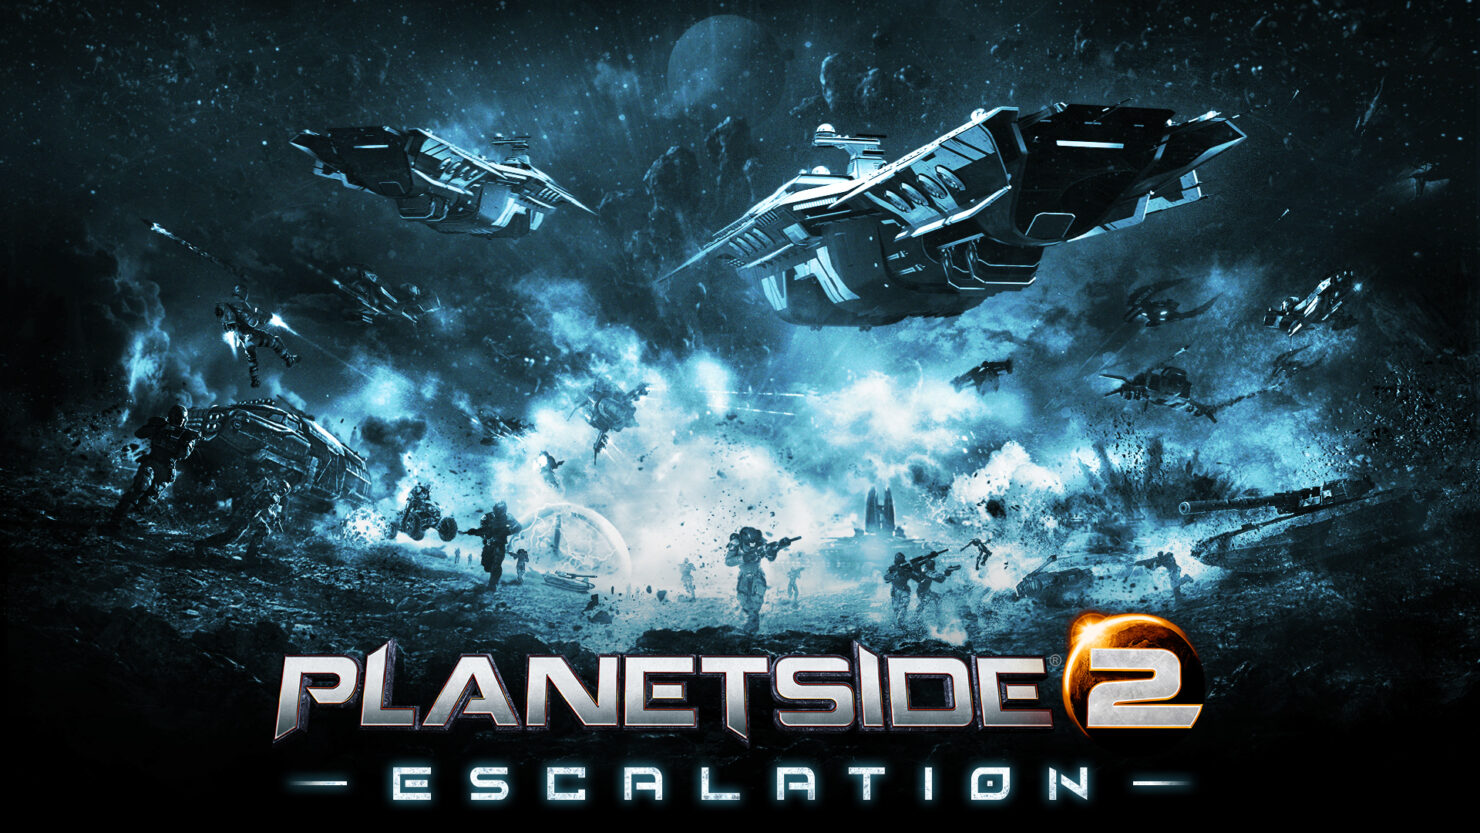 PlanetSide 2 Escalation